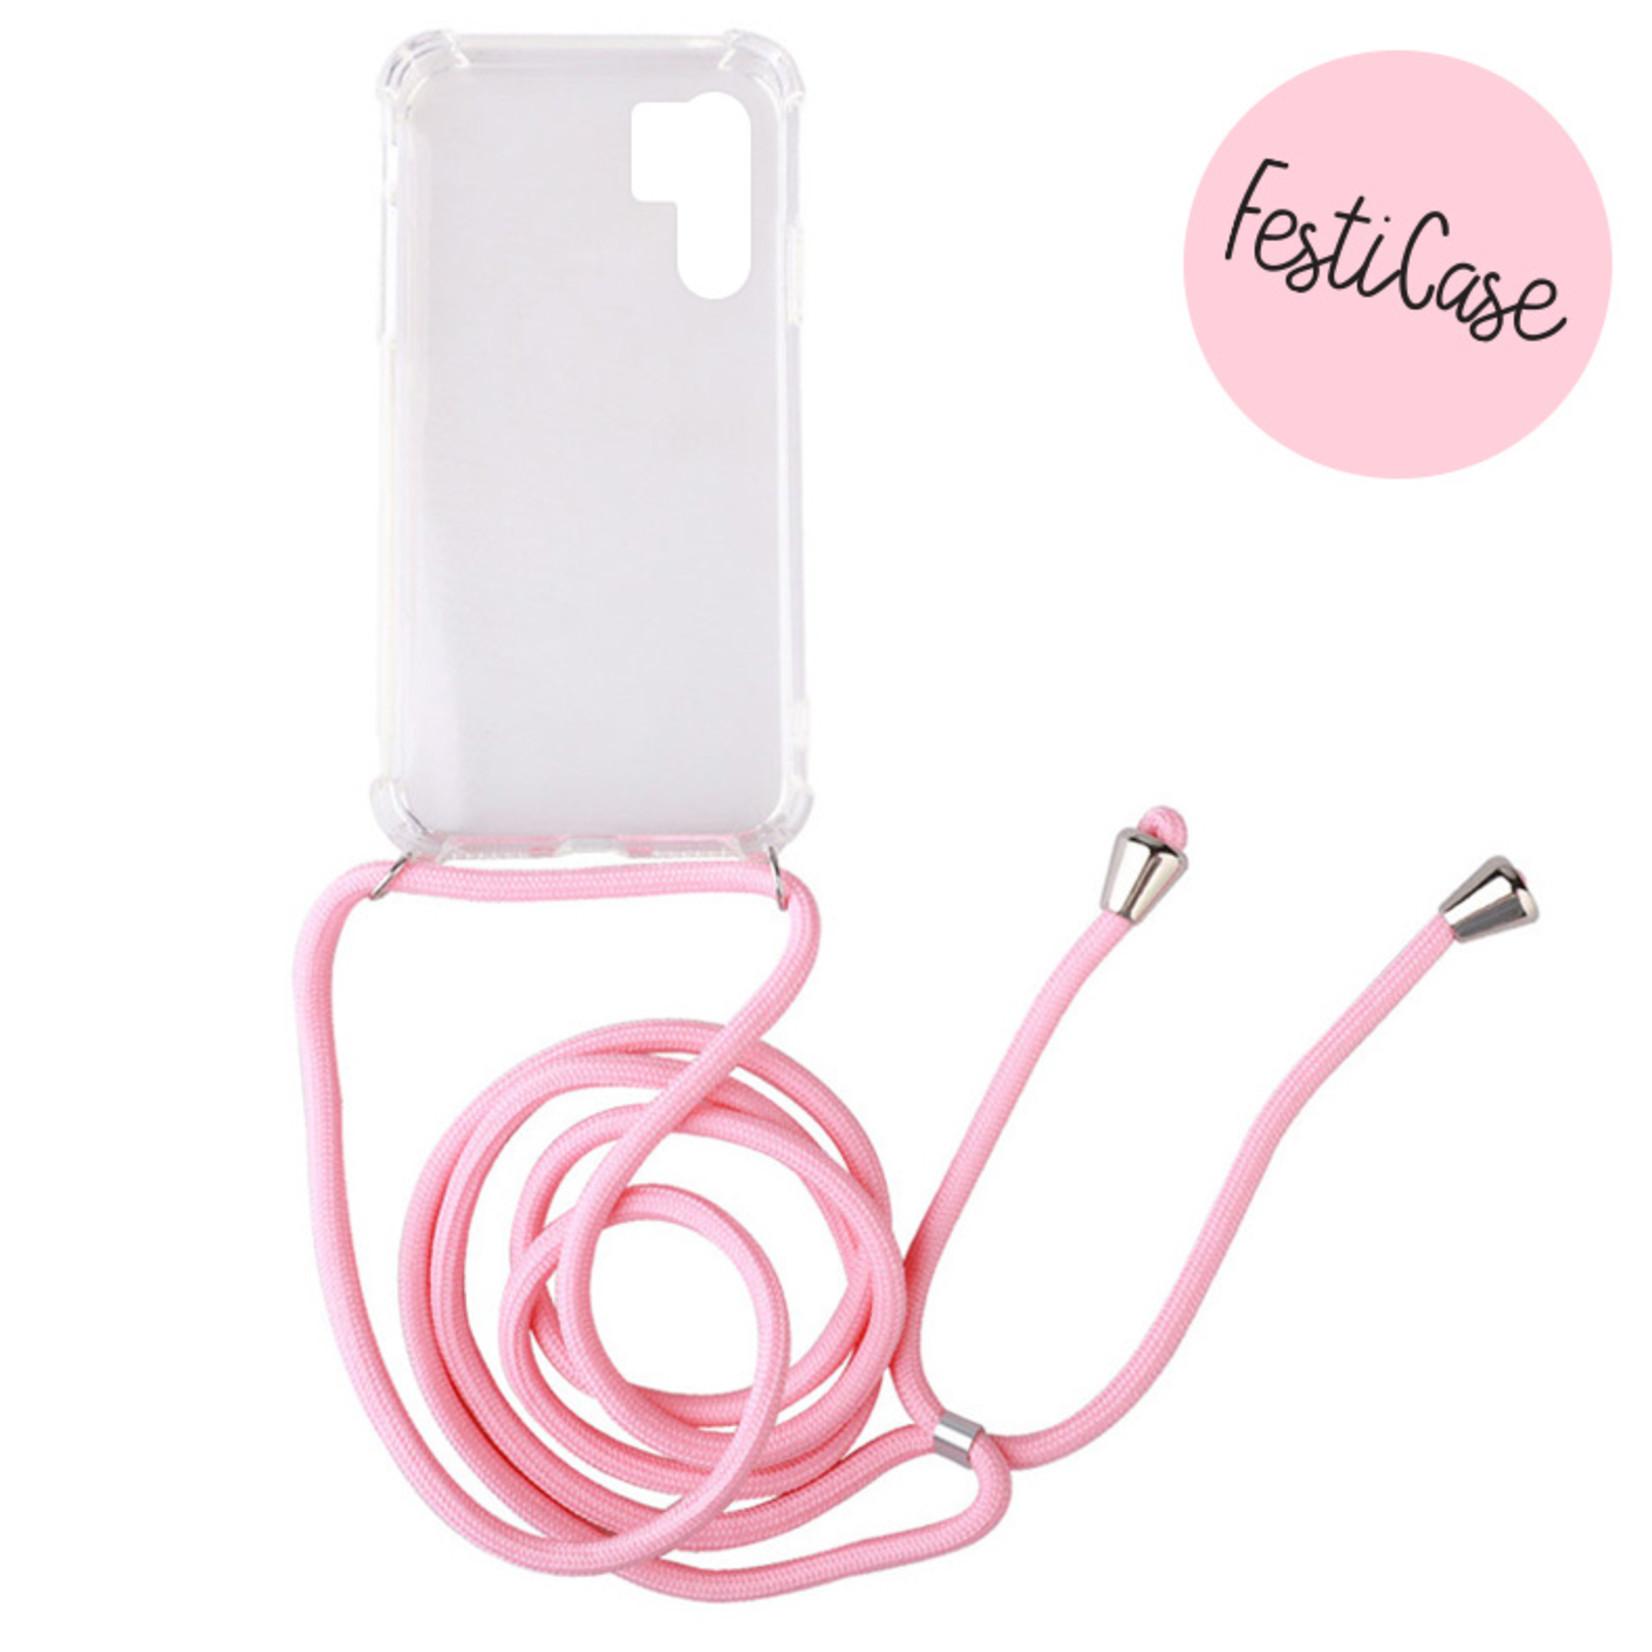 FOONCASE FESTICASE Huawei P30 Pro Telefoonhoesje met koord (Roze) TPU Soft Case - Transparant